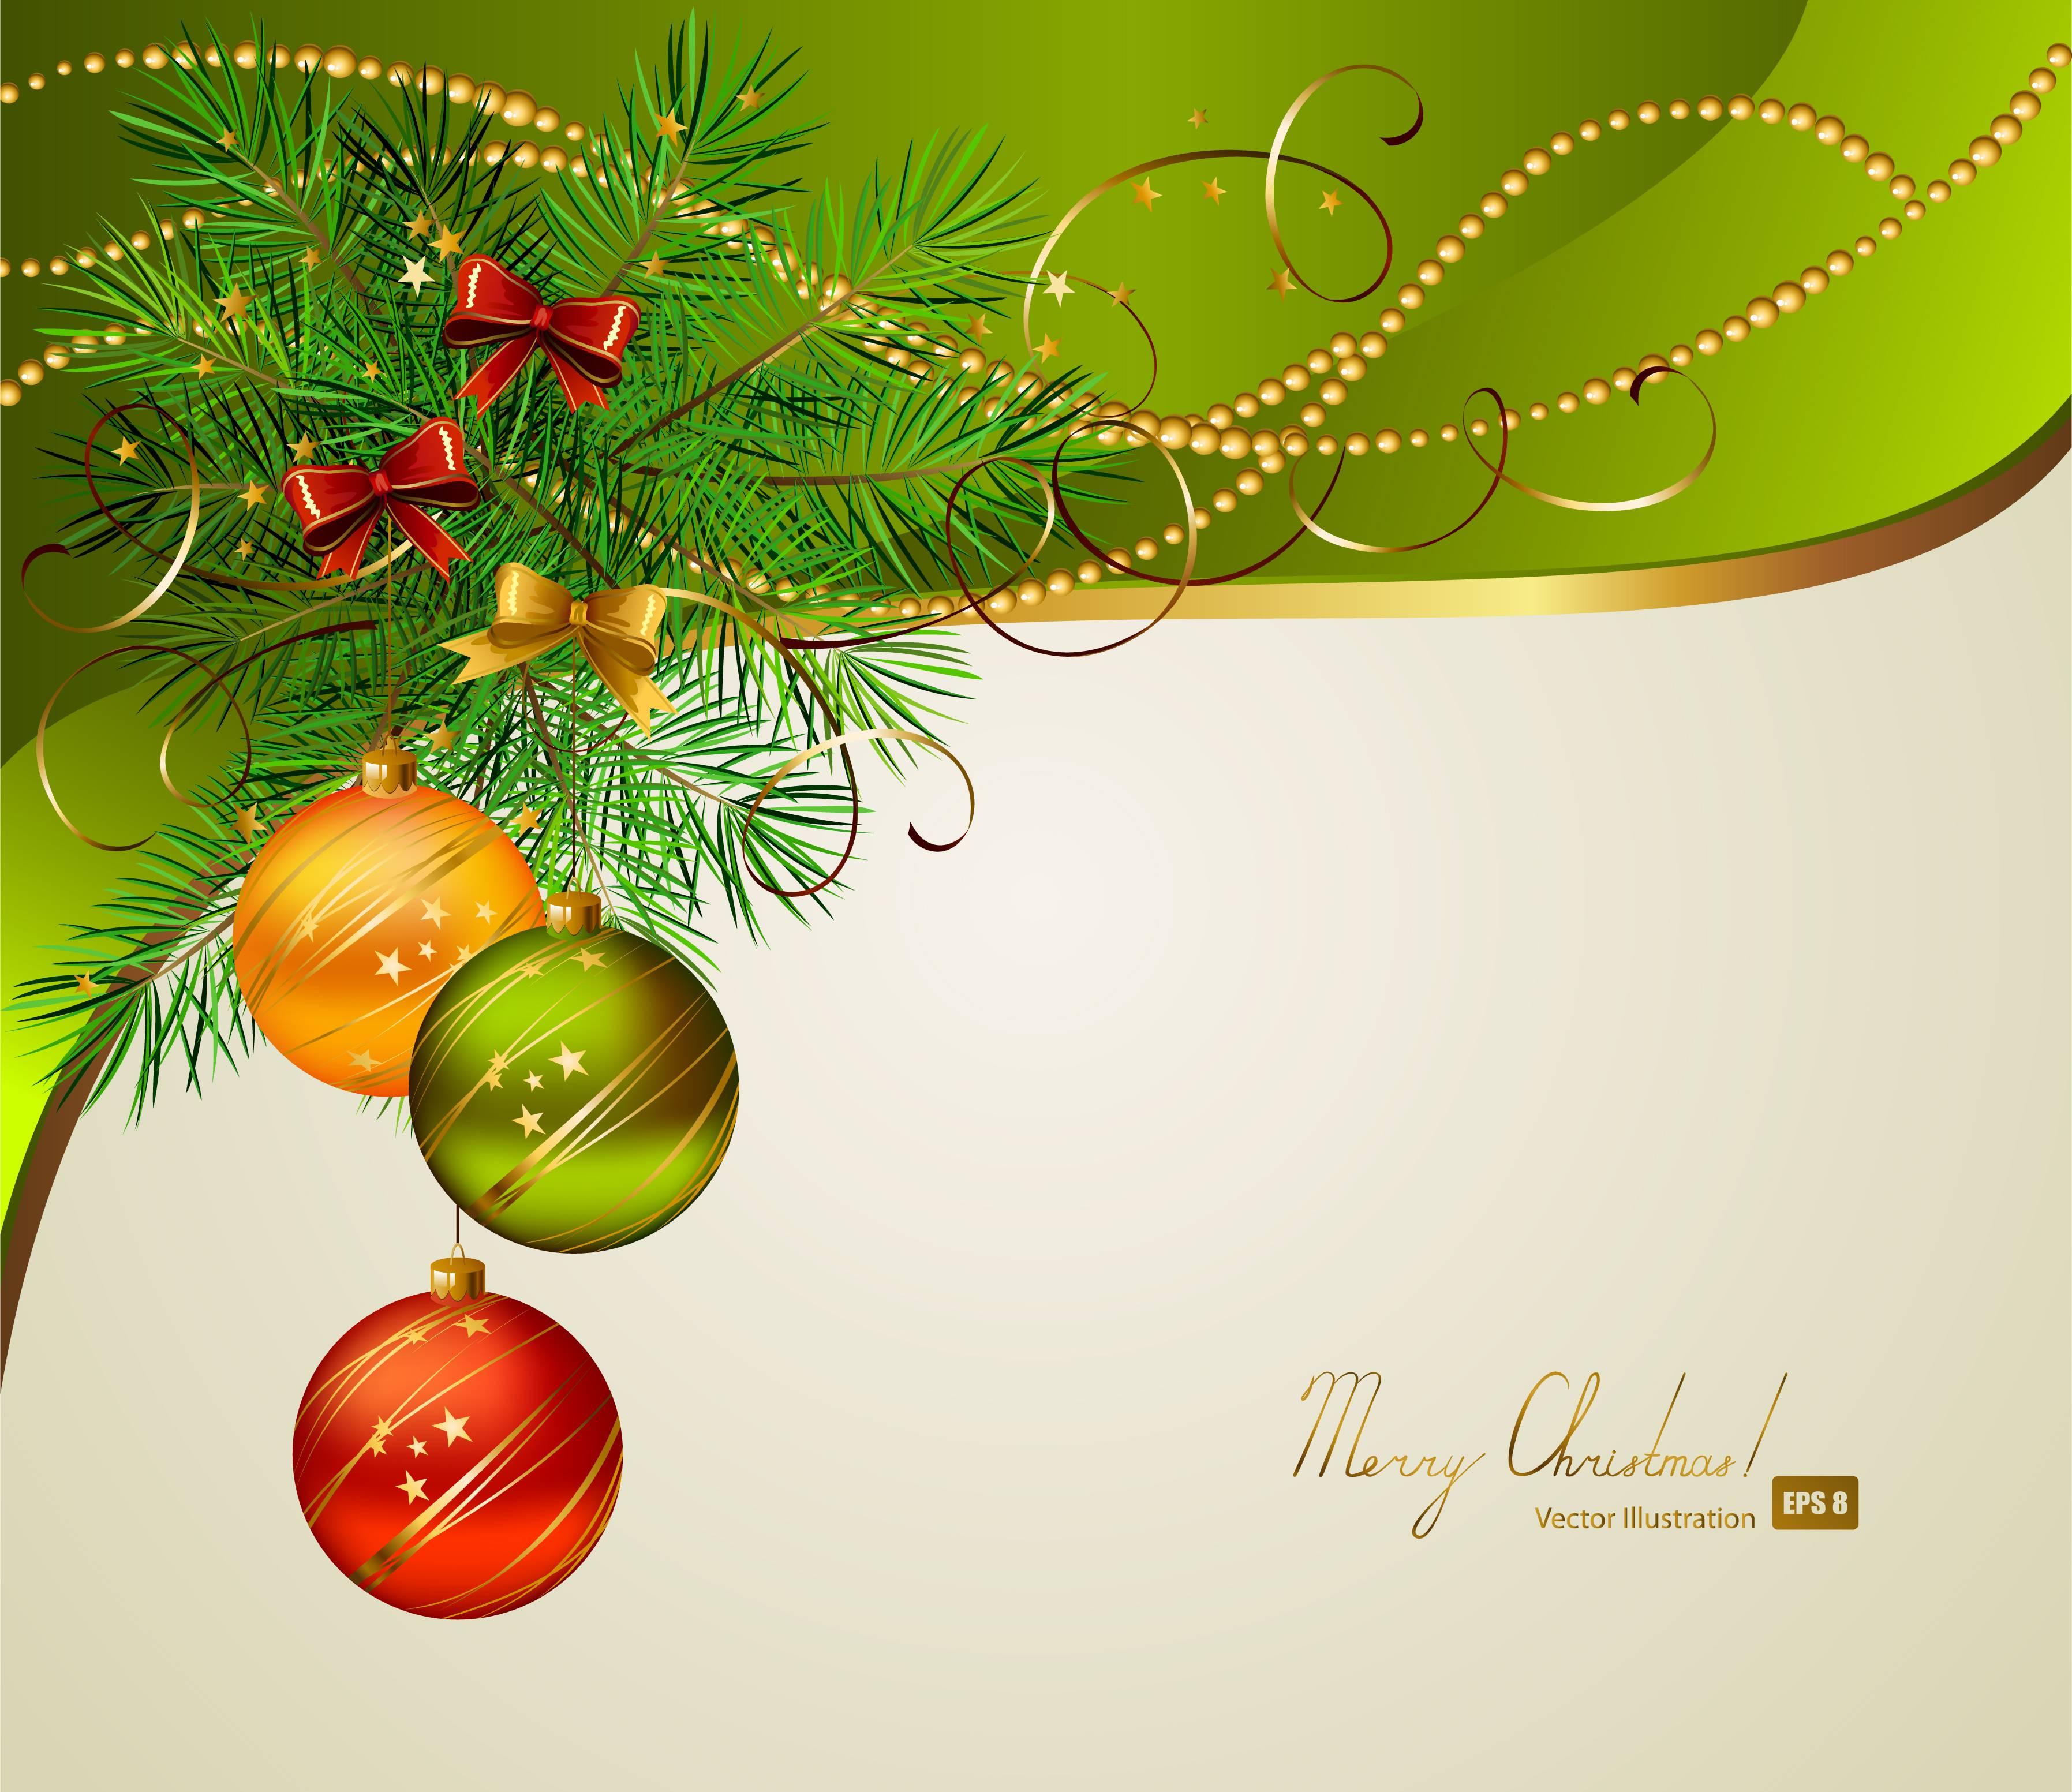 Картинки, макет для новогодней открытки